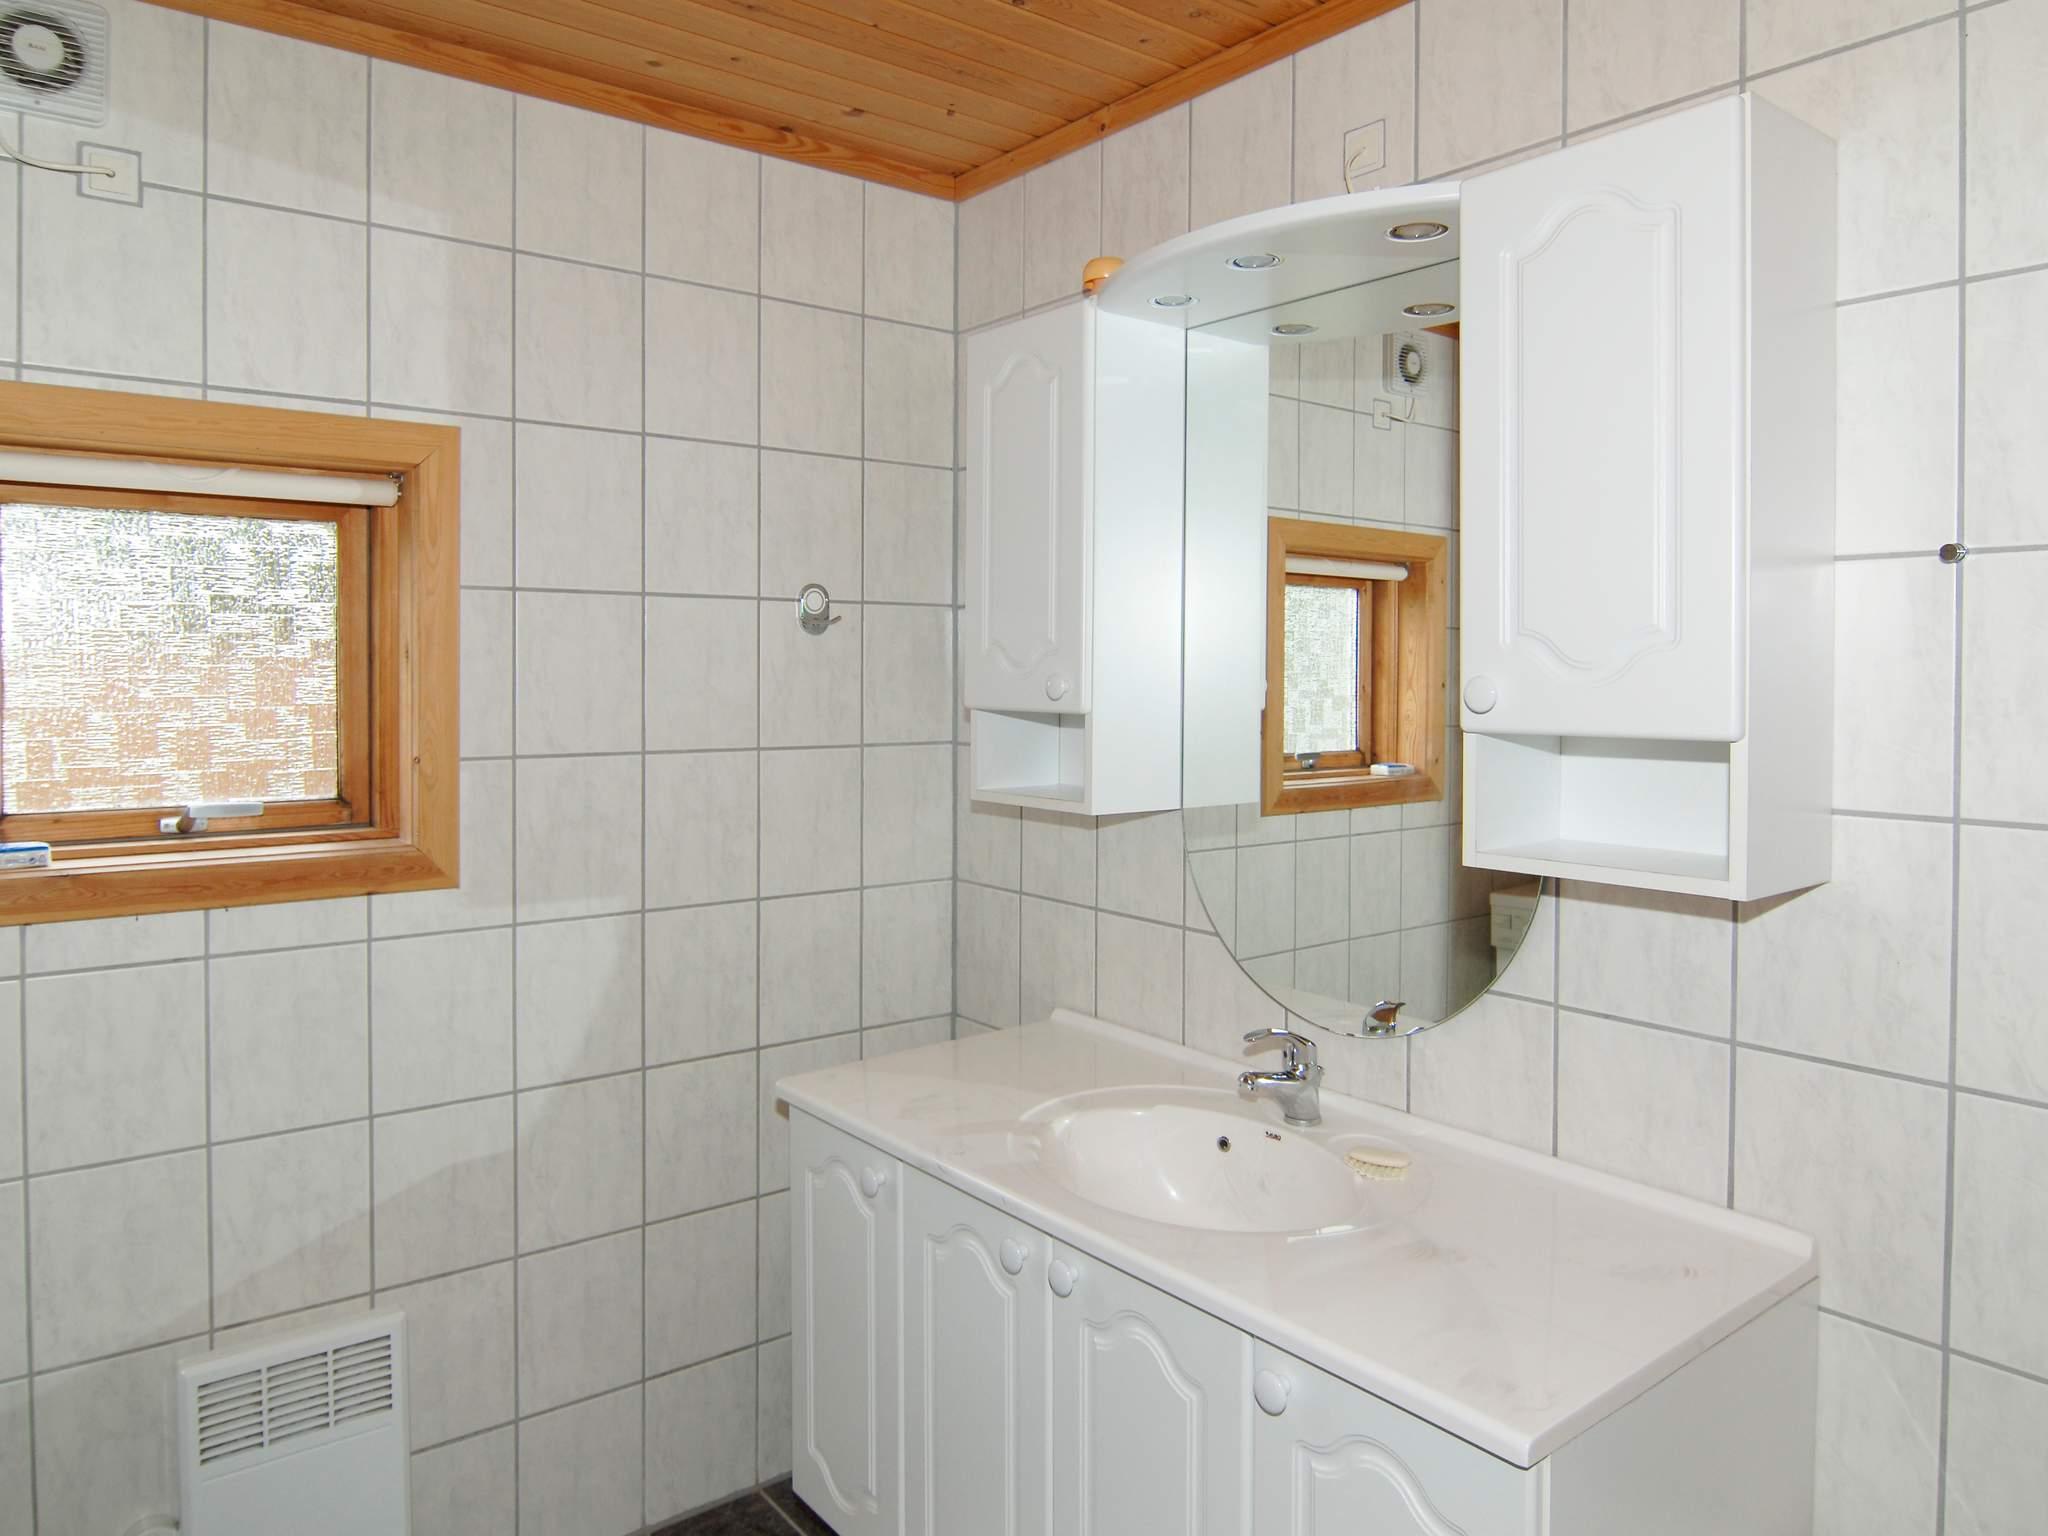 Ferienhaus Binderup Strand (82391), Binderup, , Südostjütland, Dänemark, Bild 13